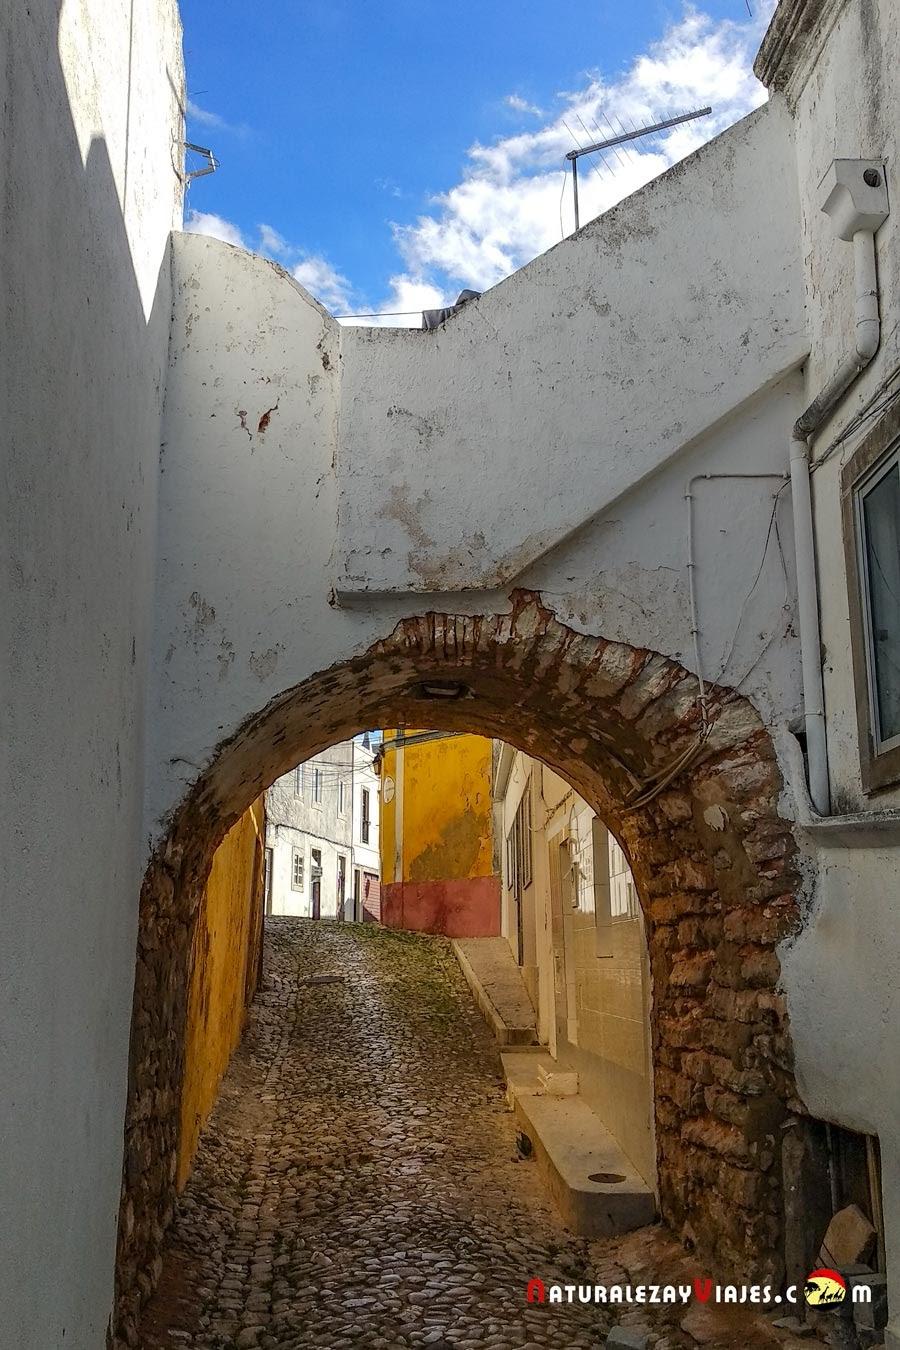 Arco do Pinto, Loulé